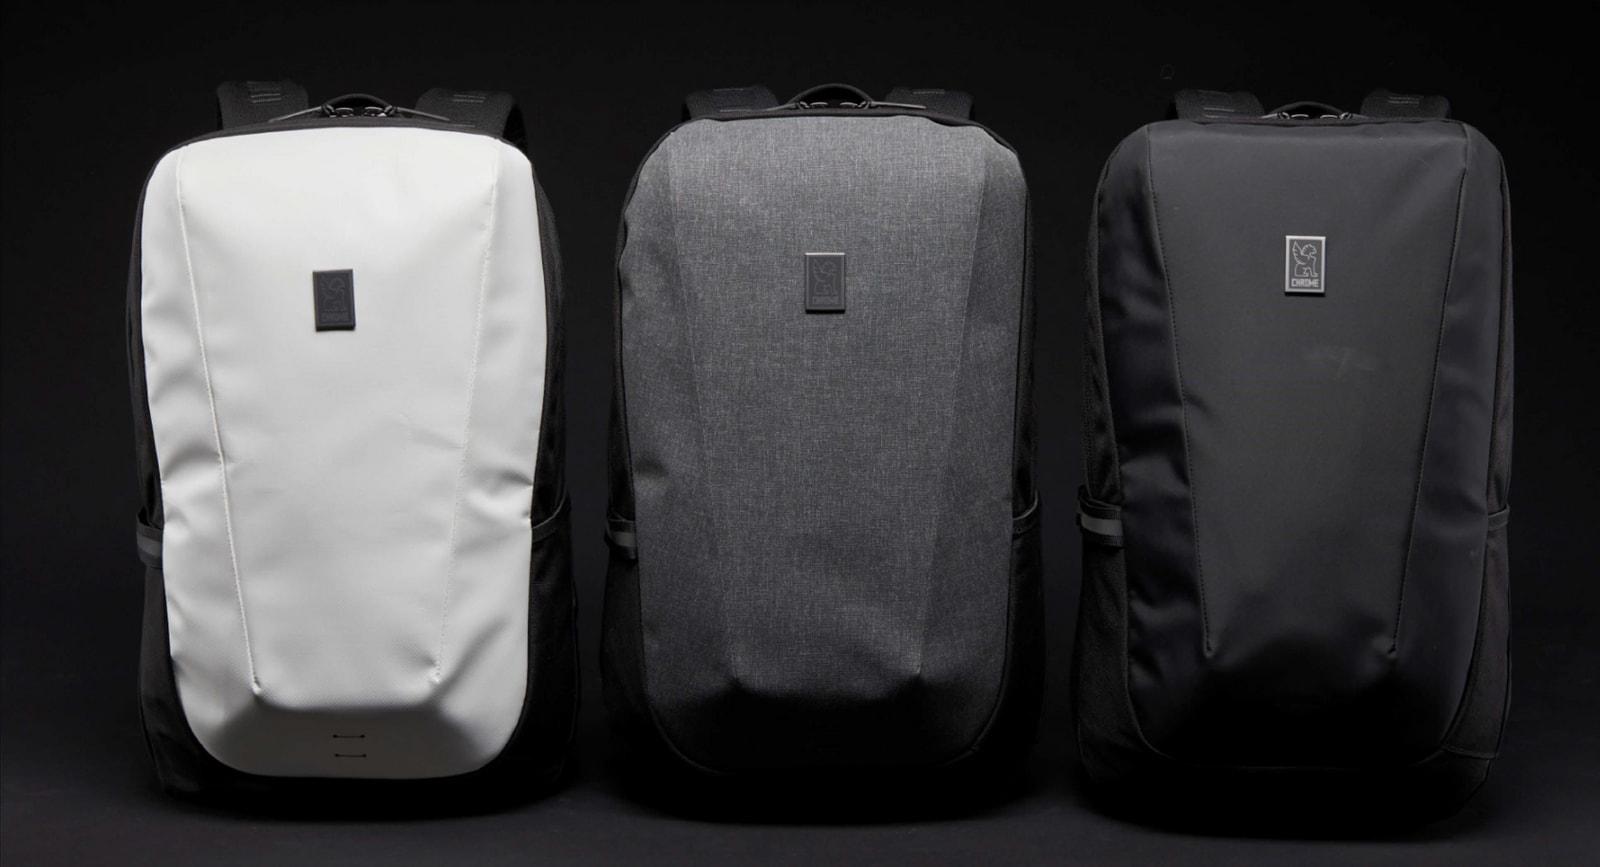 クローム・インダストリーズ  CHROME INDUSTRIES AVAIL BACKPACK アベイル 最高の背負い心地 新作 バッグ バックパック 日本 国内 150個 限定 登場 発売